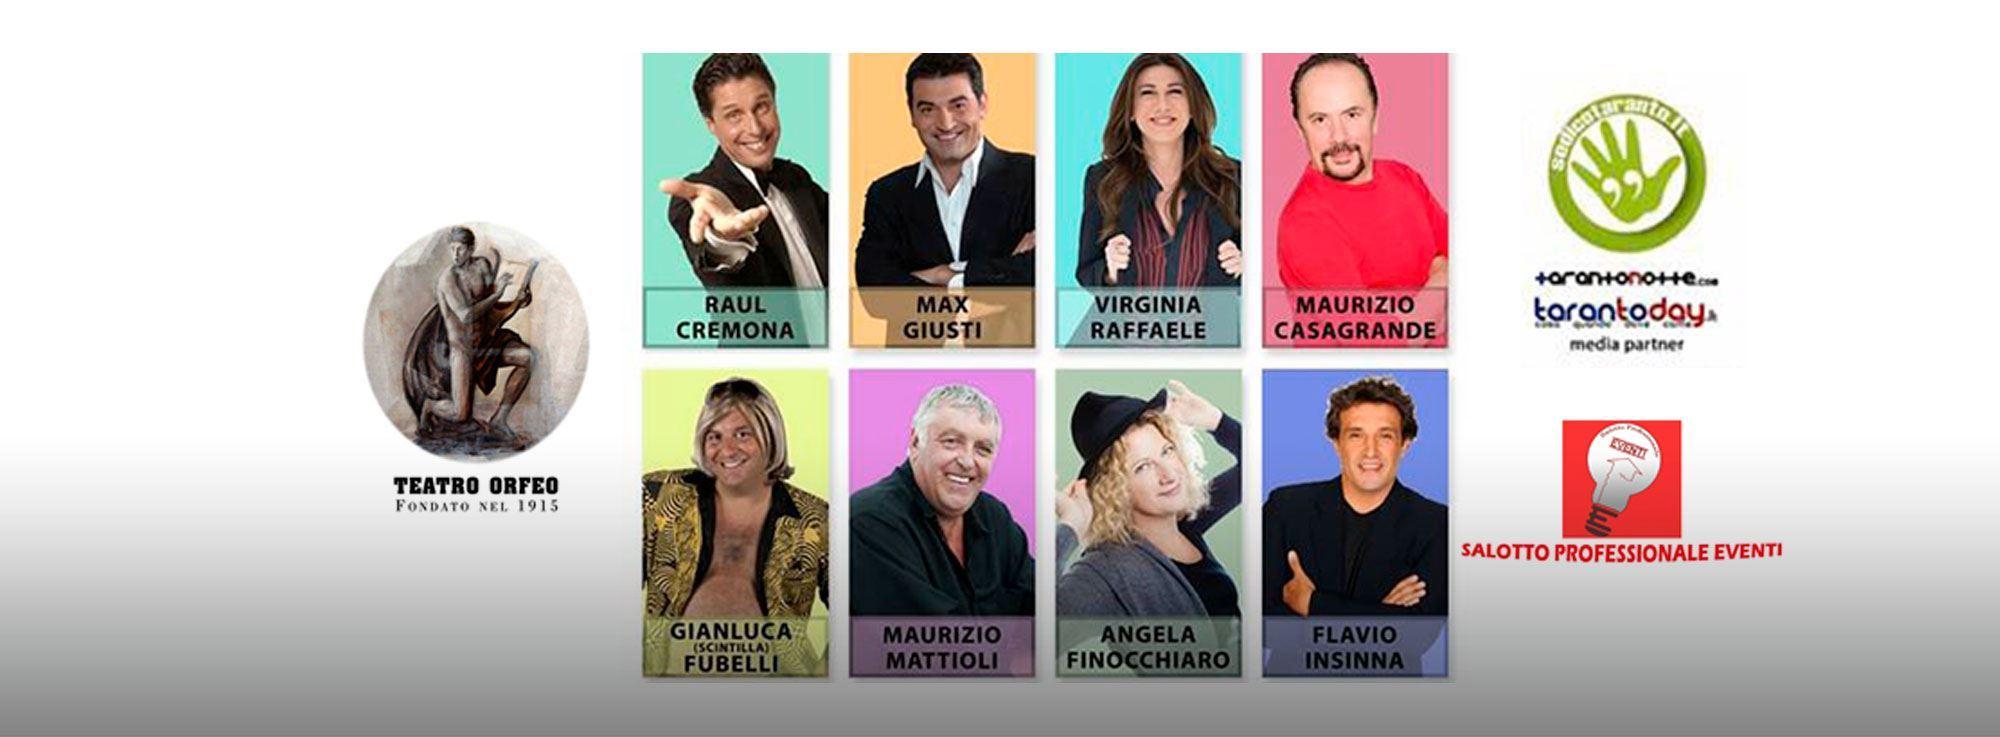 Taranto: Nuova stagione teatrale